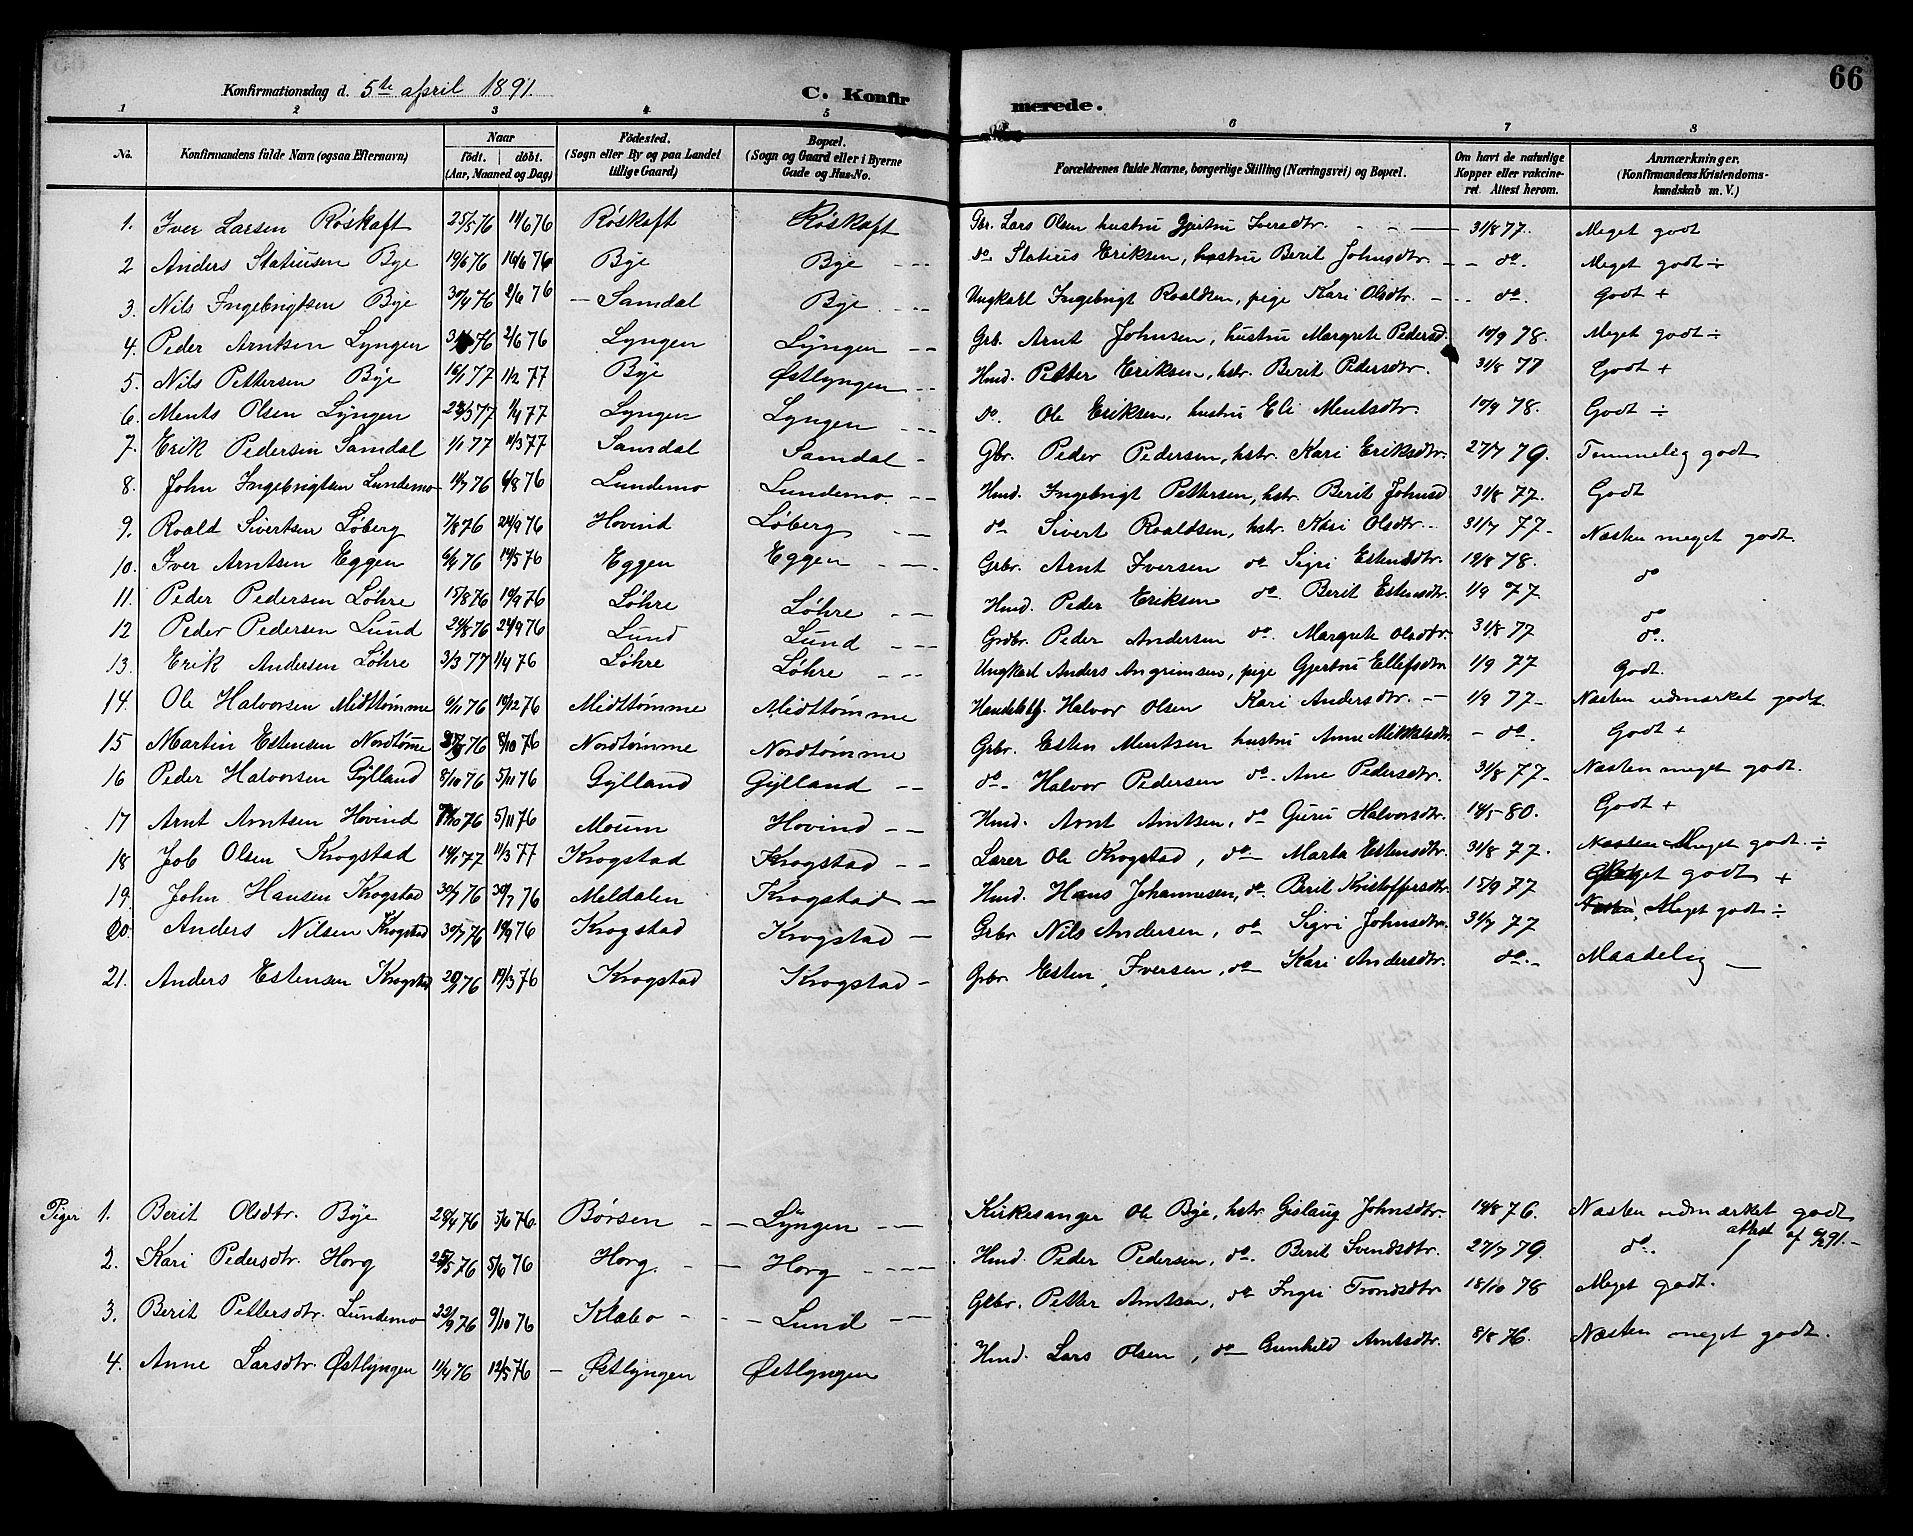 SAT, Ministerialprotokoller, klokkerbøker og fødselsregistre - Sør-Trøndelag, 692/L1111: Klokkerbok nr. 692C06, 1890-1904, s. 66